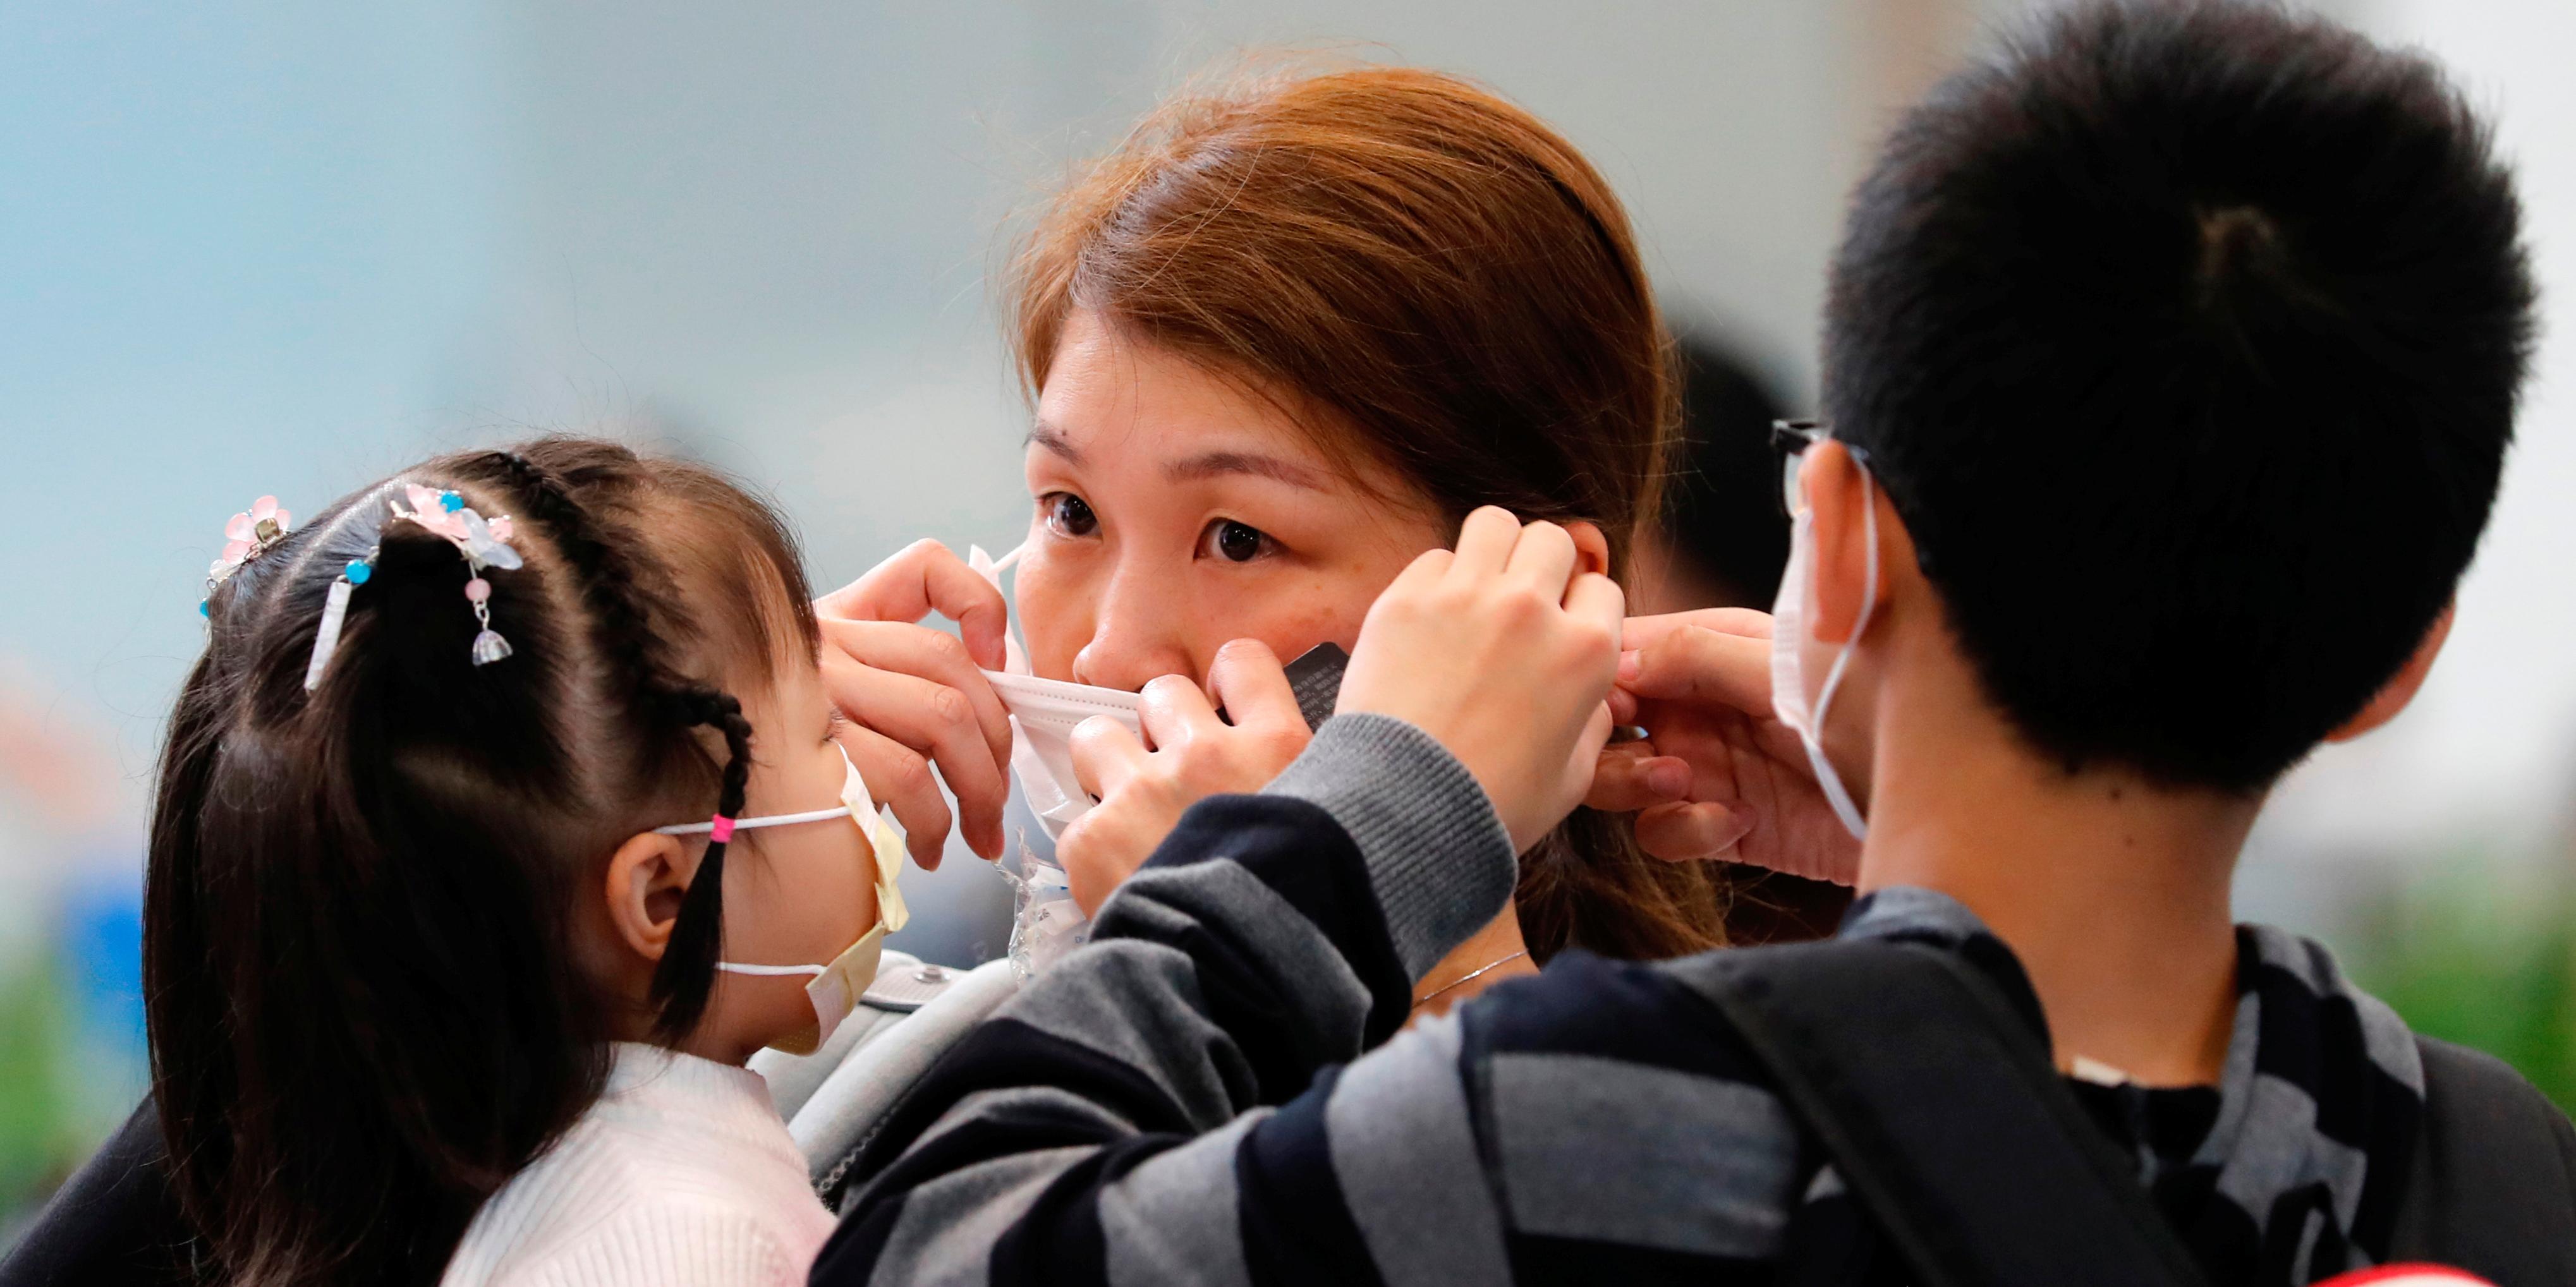 Los gigantes del lujo europeos tiemblan por el potencial impacto del coronavirus chino